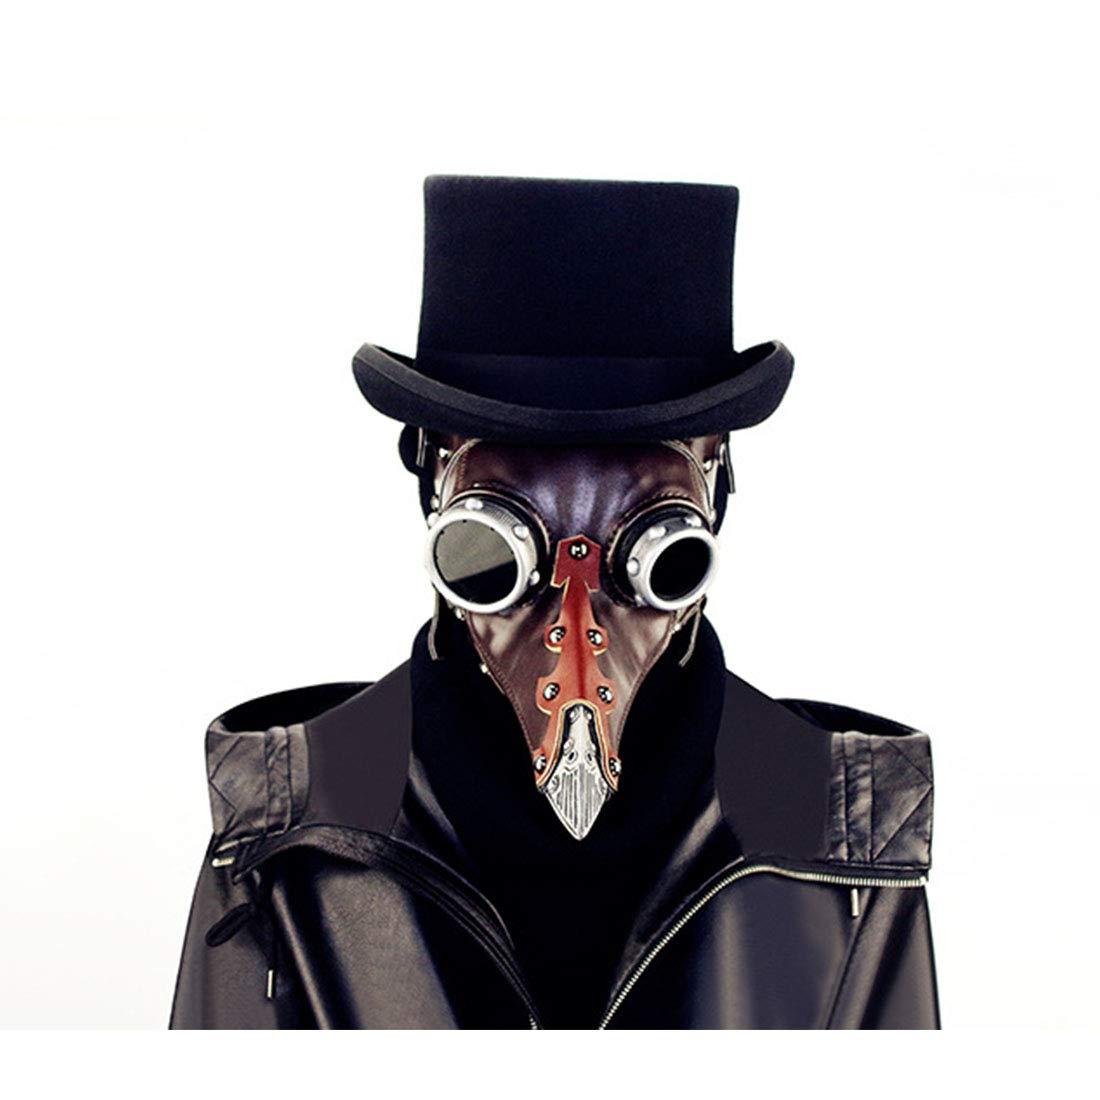 Yammucha Full Leder Steampunk Full Yammucha Face Pest Arzt Vogel Maske Long & Short Nase Schnabel Faux Cosplay Halloween Weihnachten Kostüm Requisiten (Farbe : Style2) ad544a